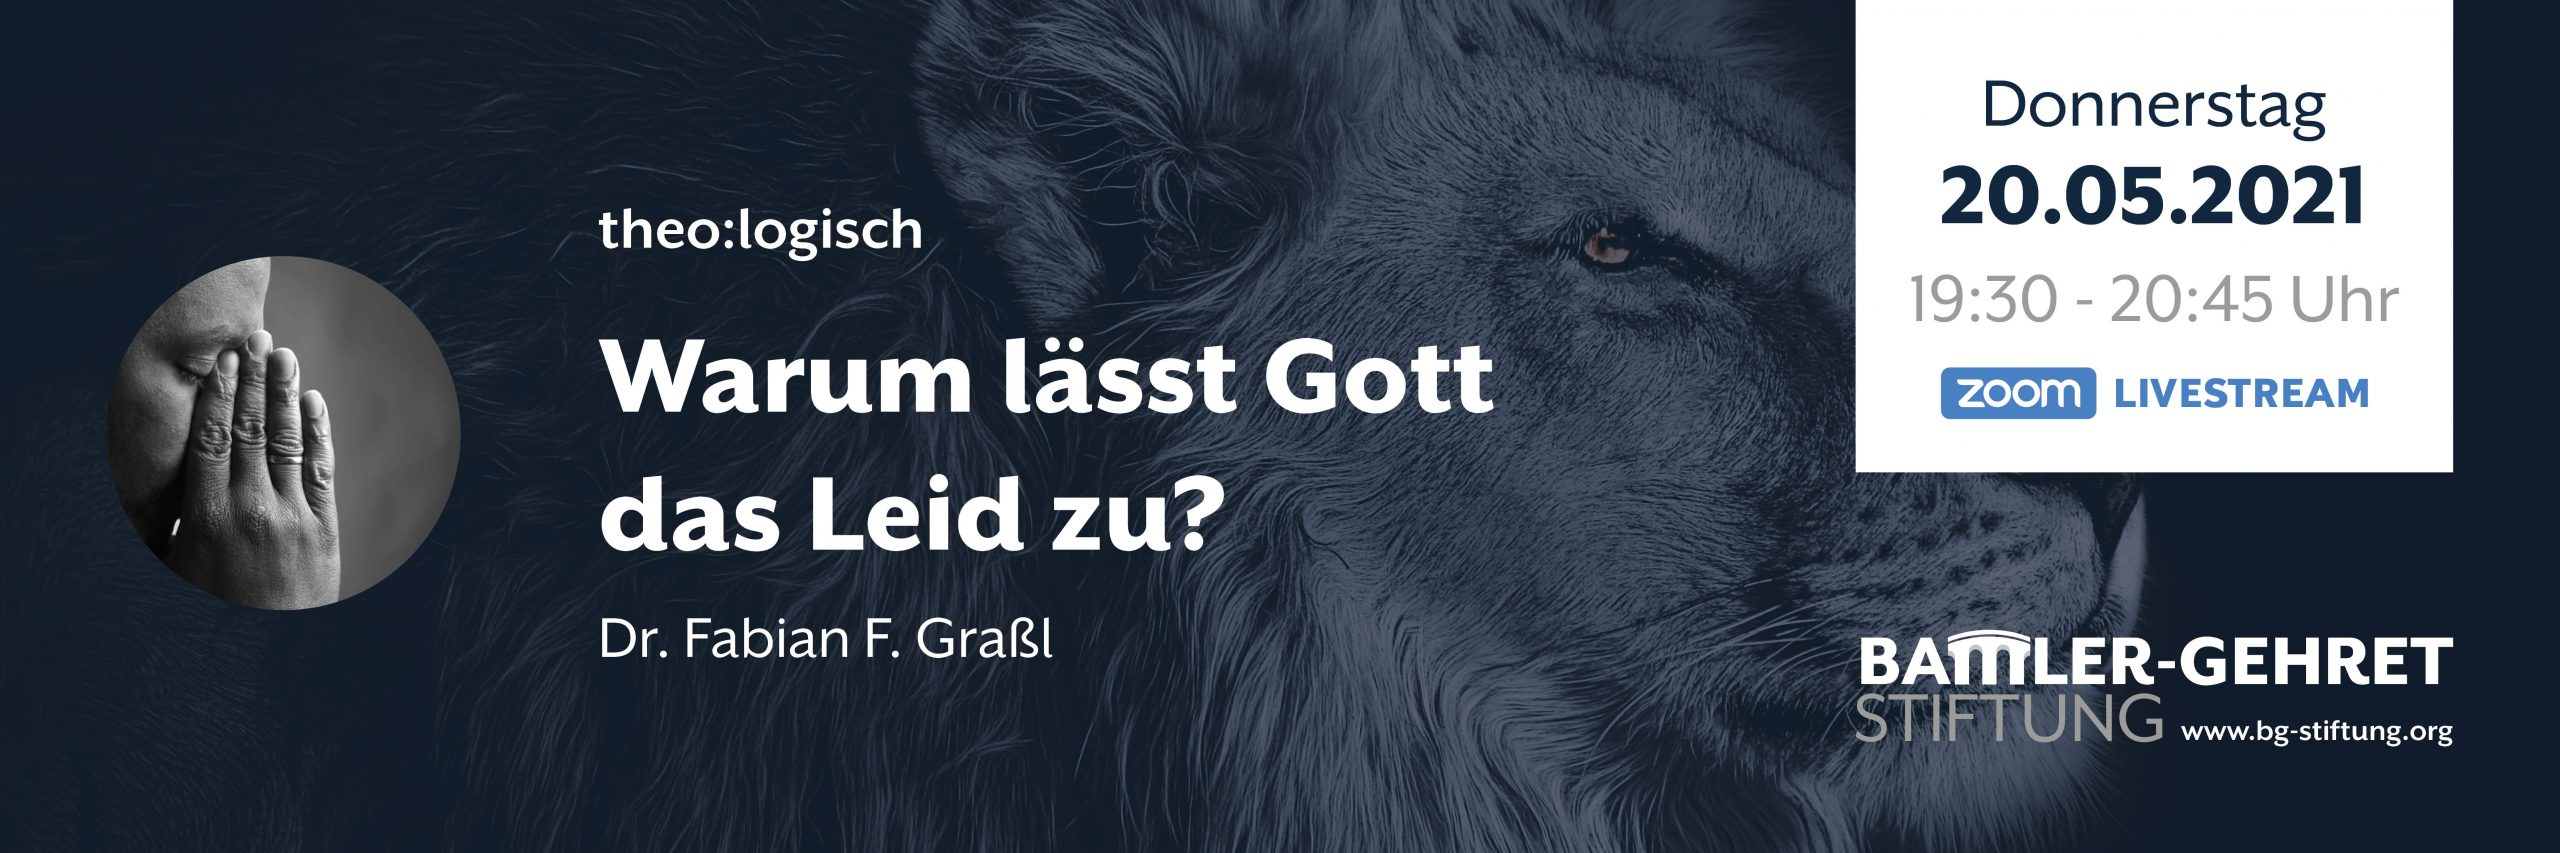 poster_1200x400_theologisch_warum-laesst-gott-das-leid-zu_01